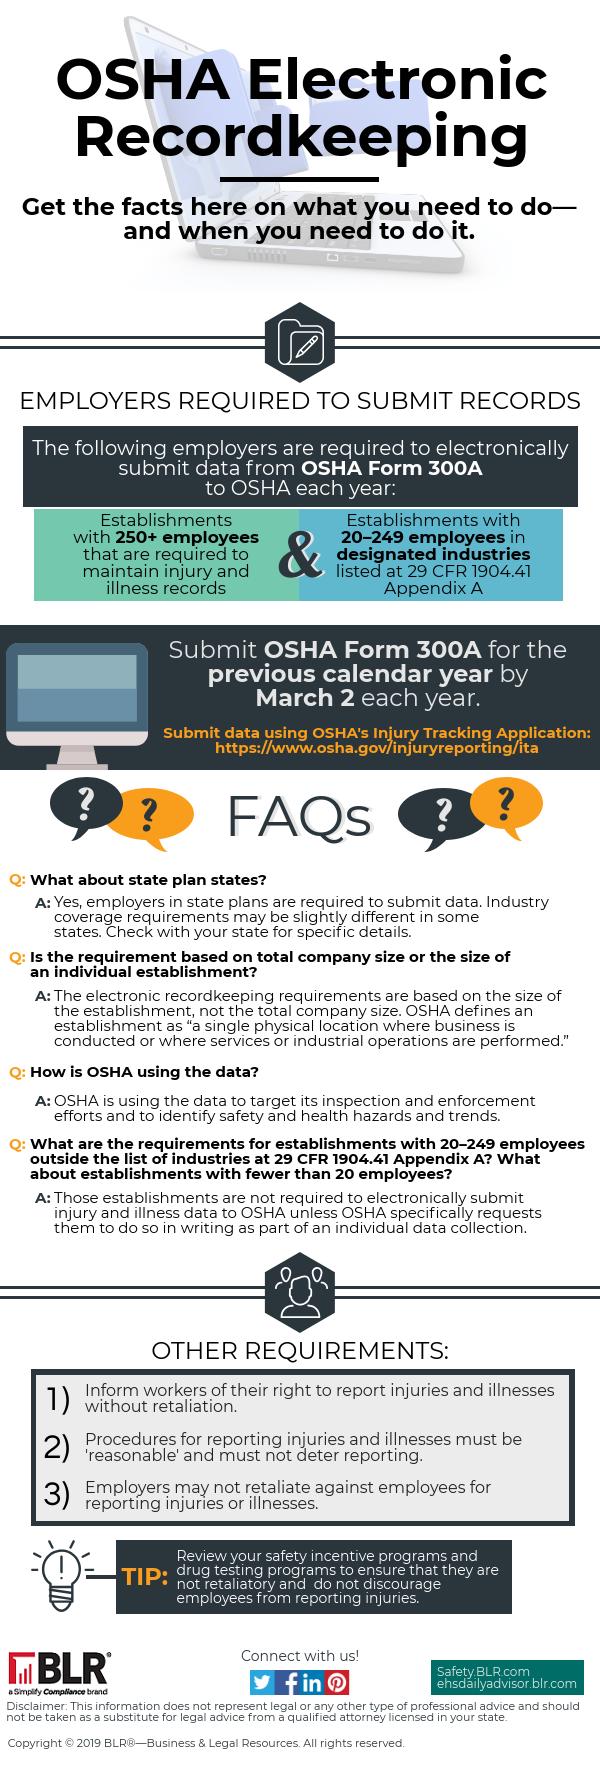 OSHA's Injury and Illness Tracking Rule